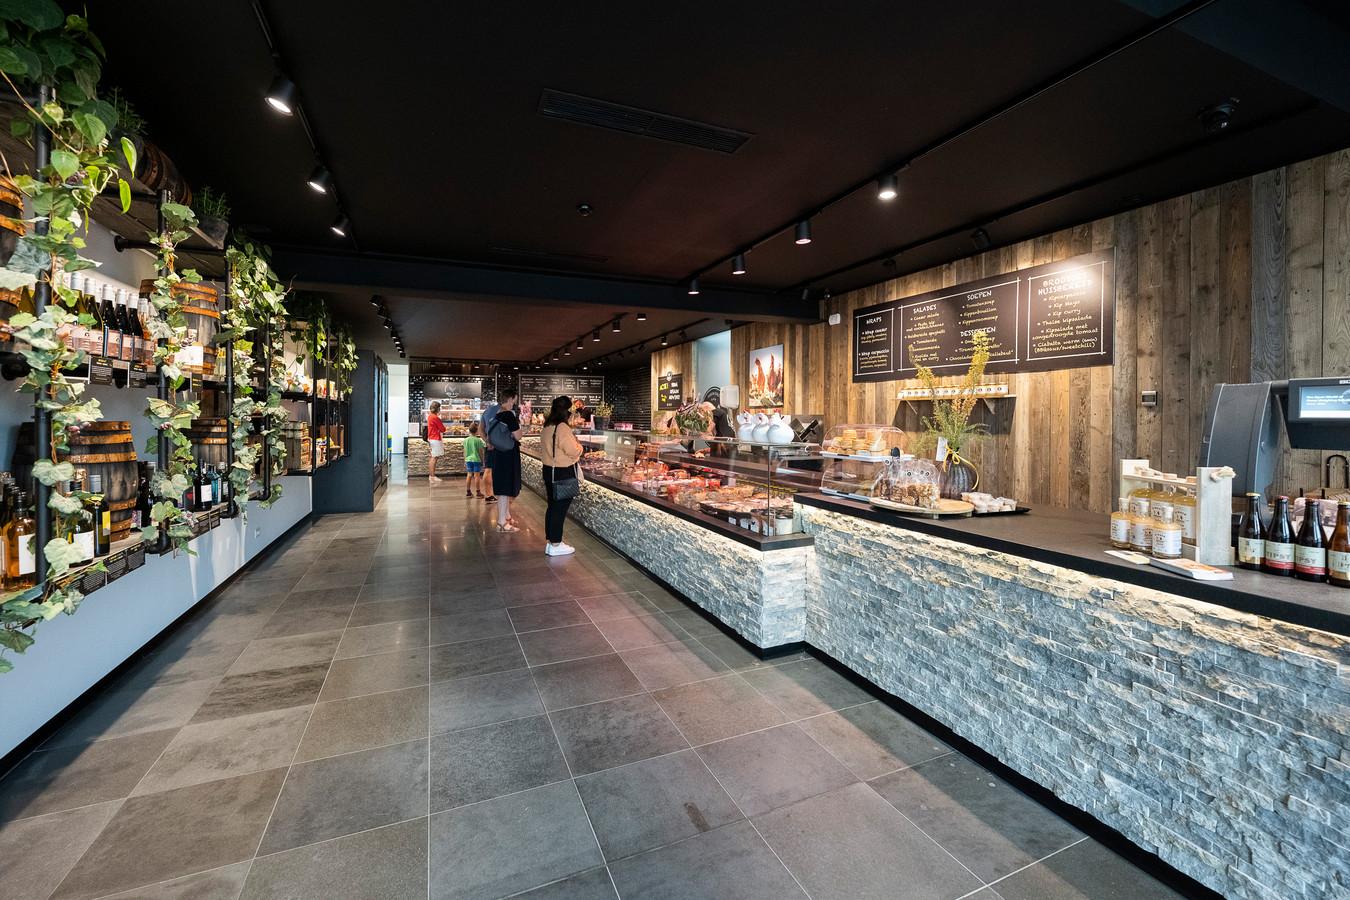 De gloednieuwe winkel van Kip & Co in Hoevenen